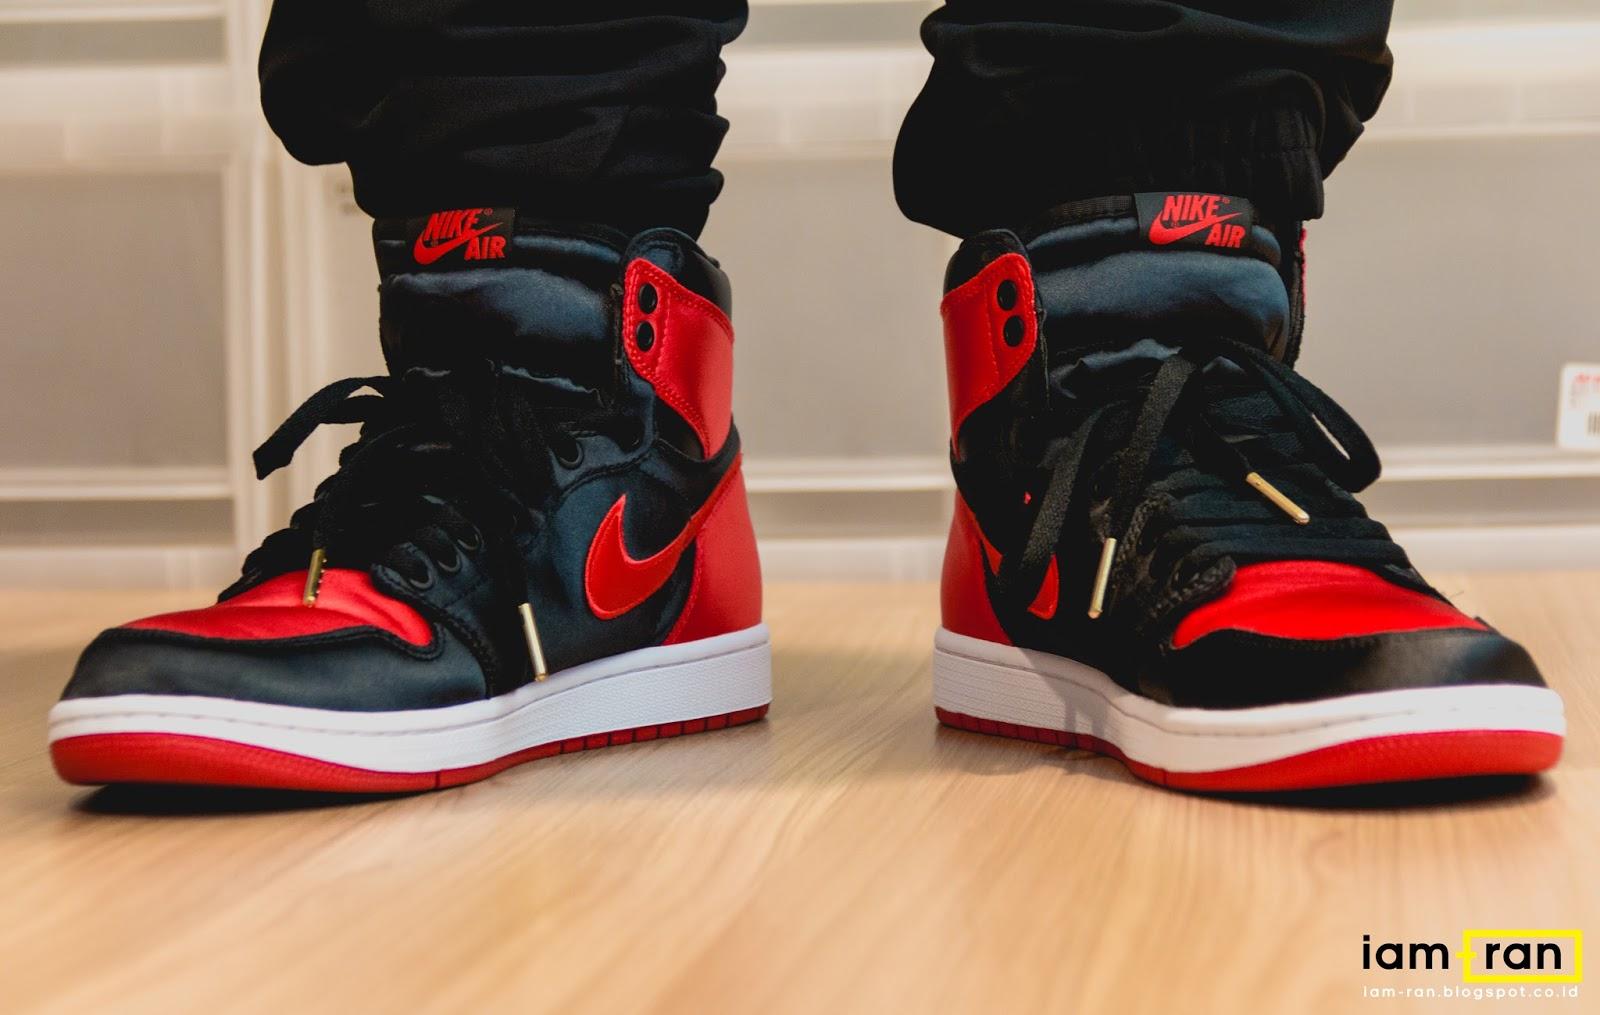 c498dccb157 IAM-RAN: ON FEET : Dipsky - Nike Air Jordan 1